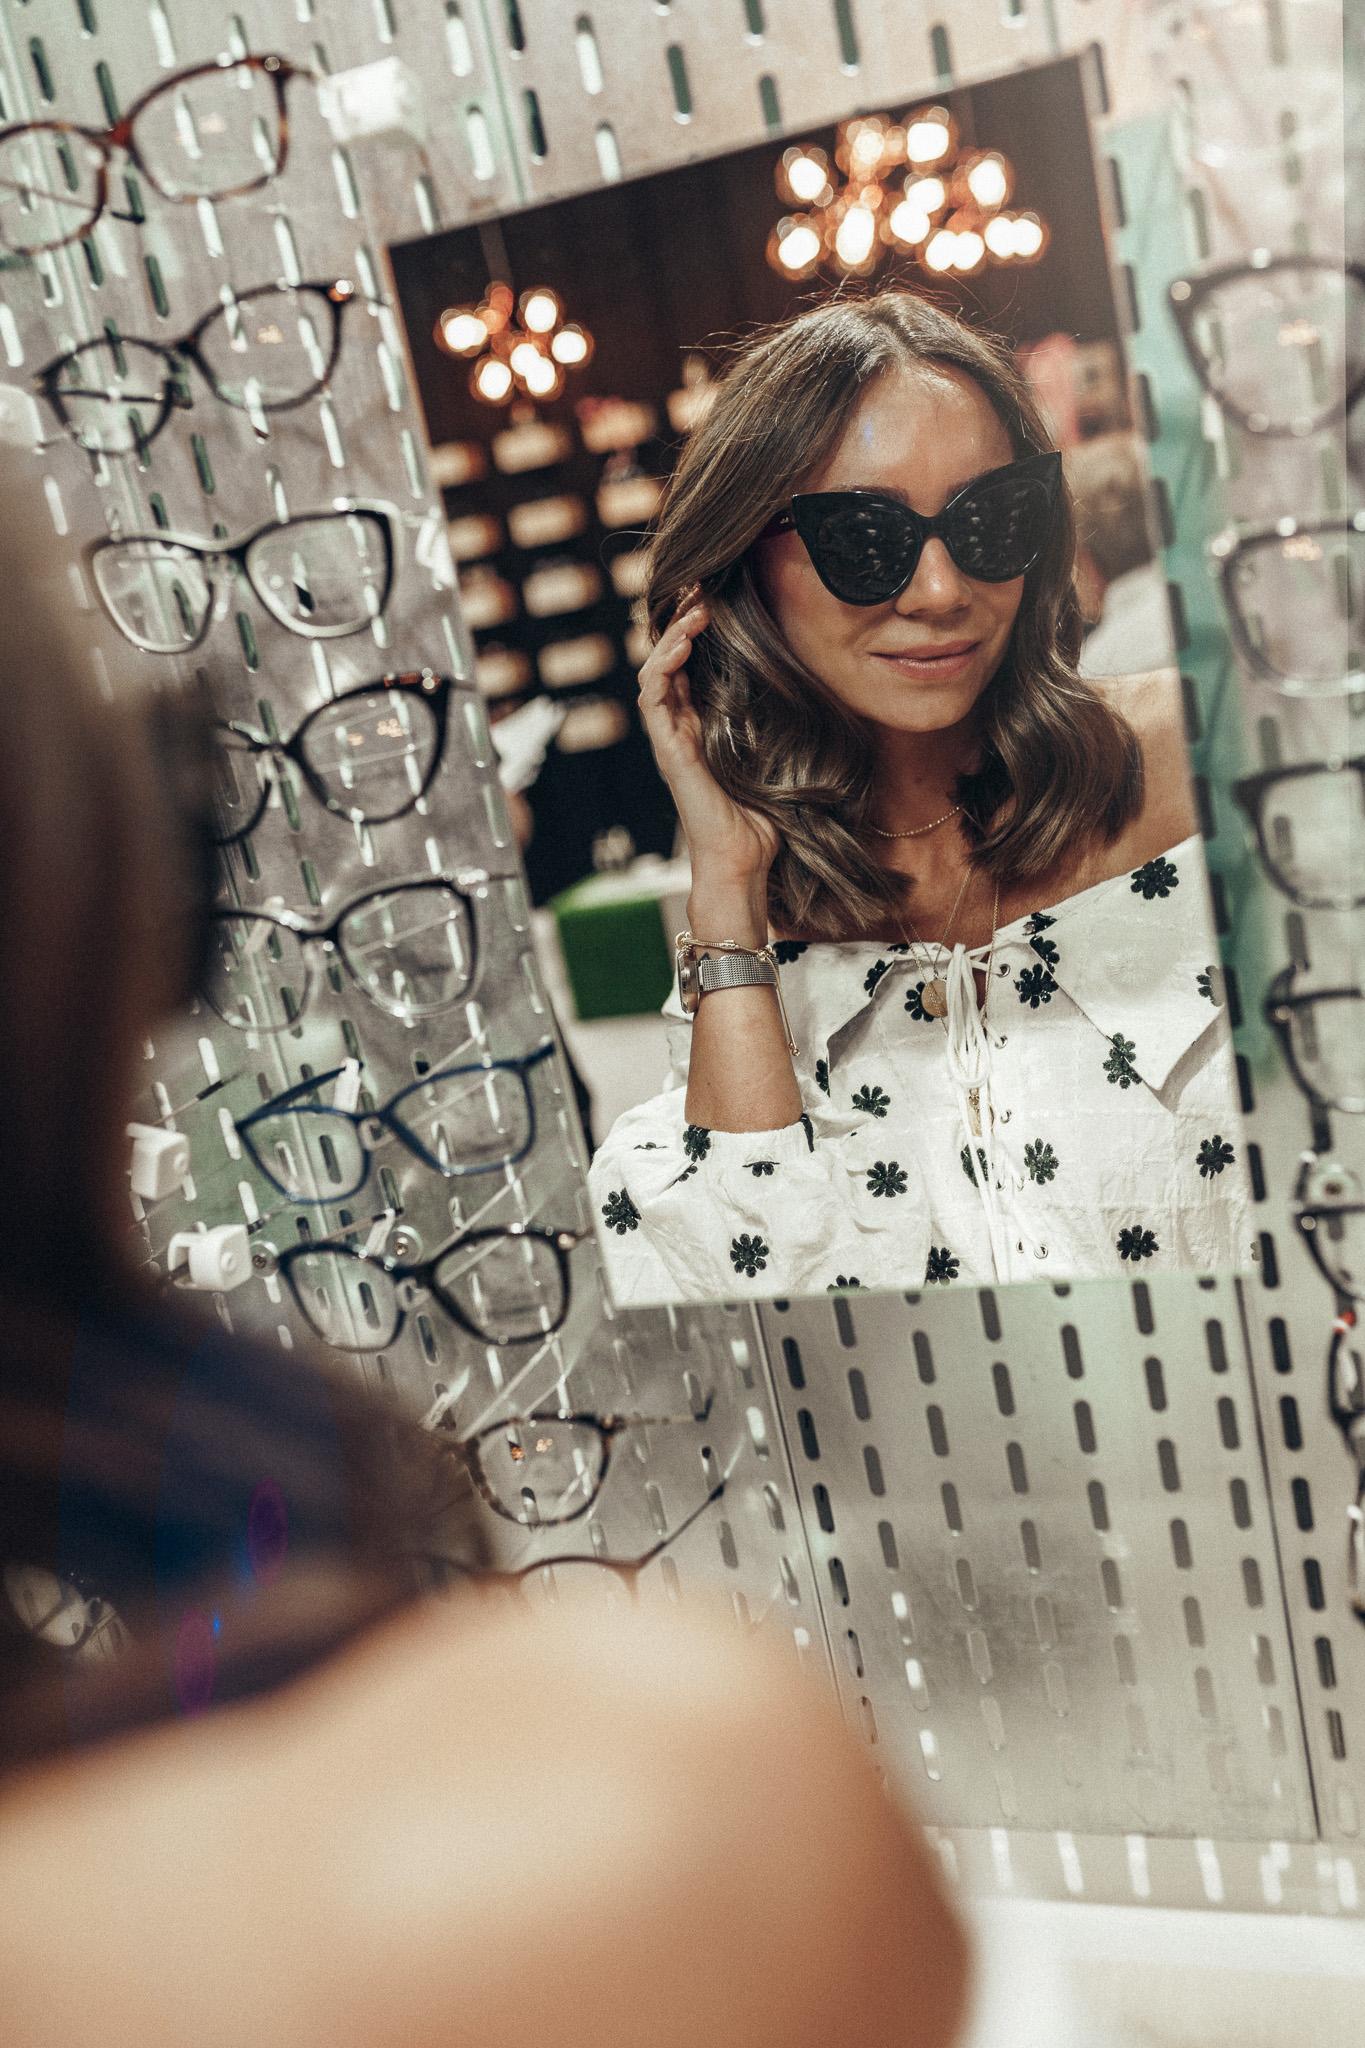 okulary max mara, bryloownia